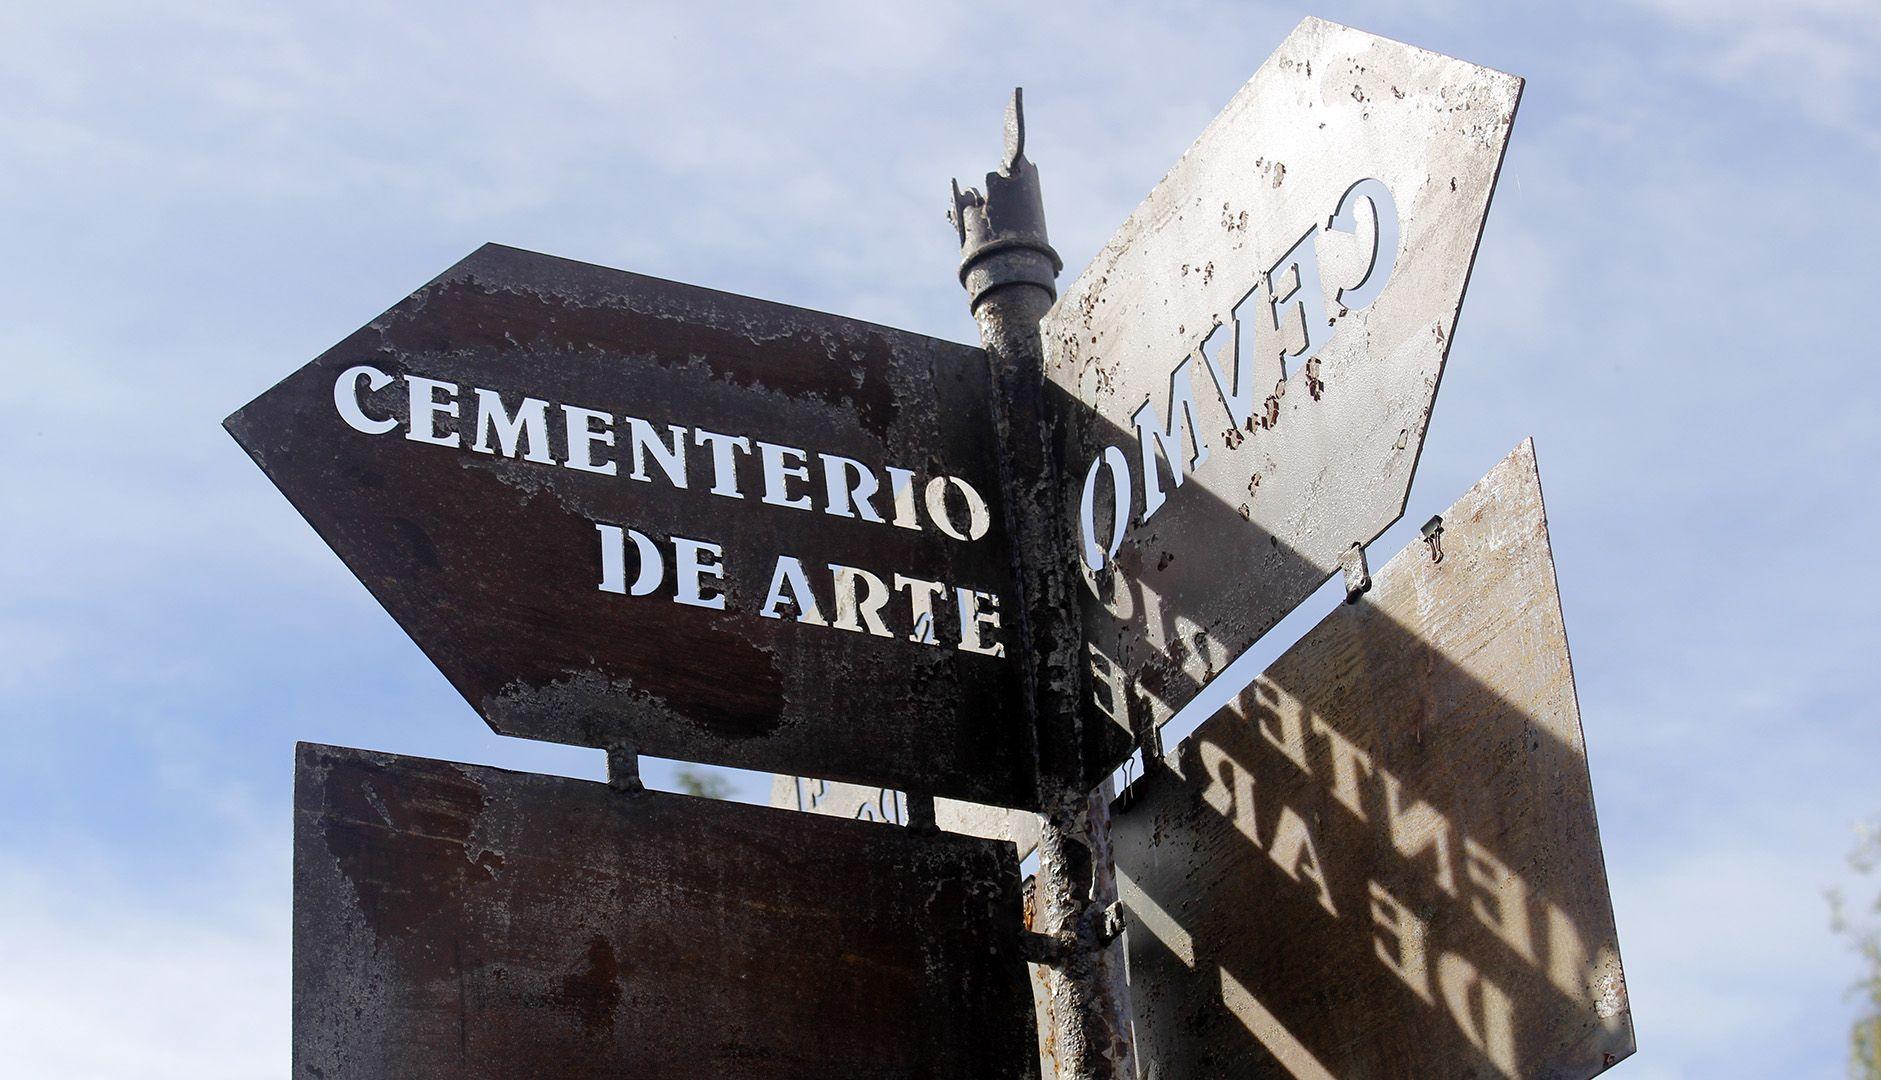 Cementerio de Arte de Morille (Salamanca)